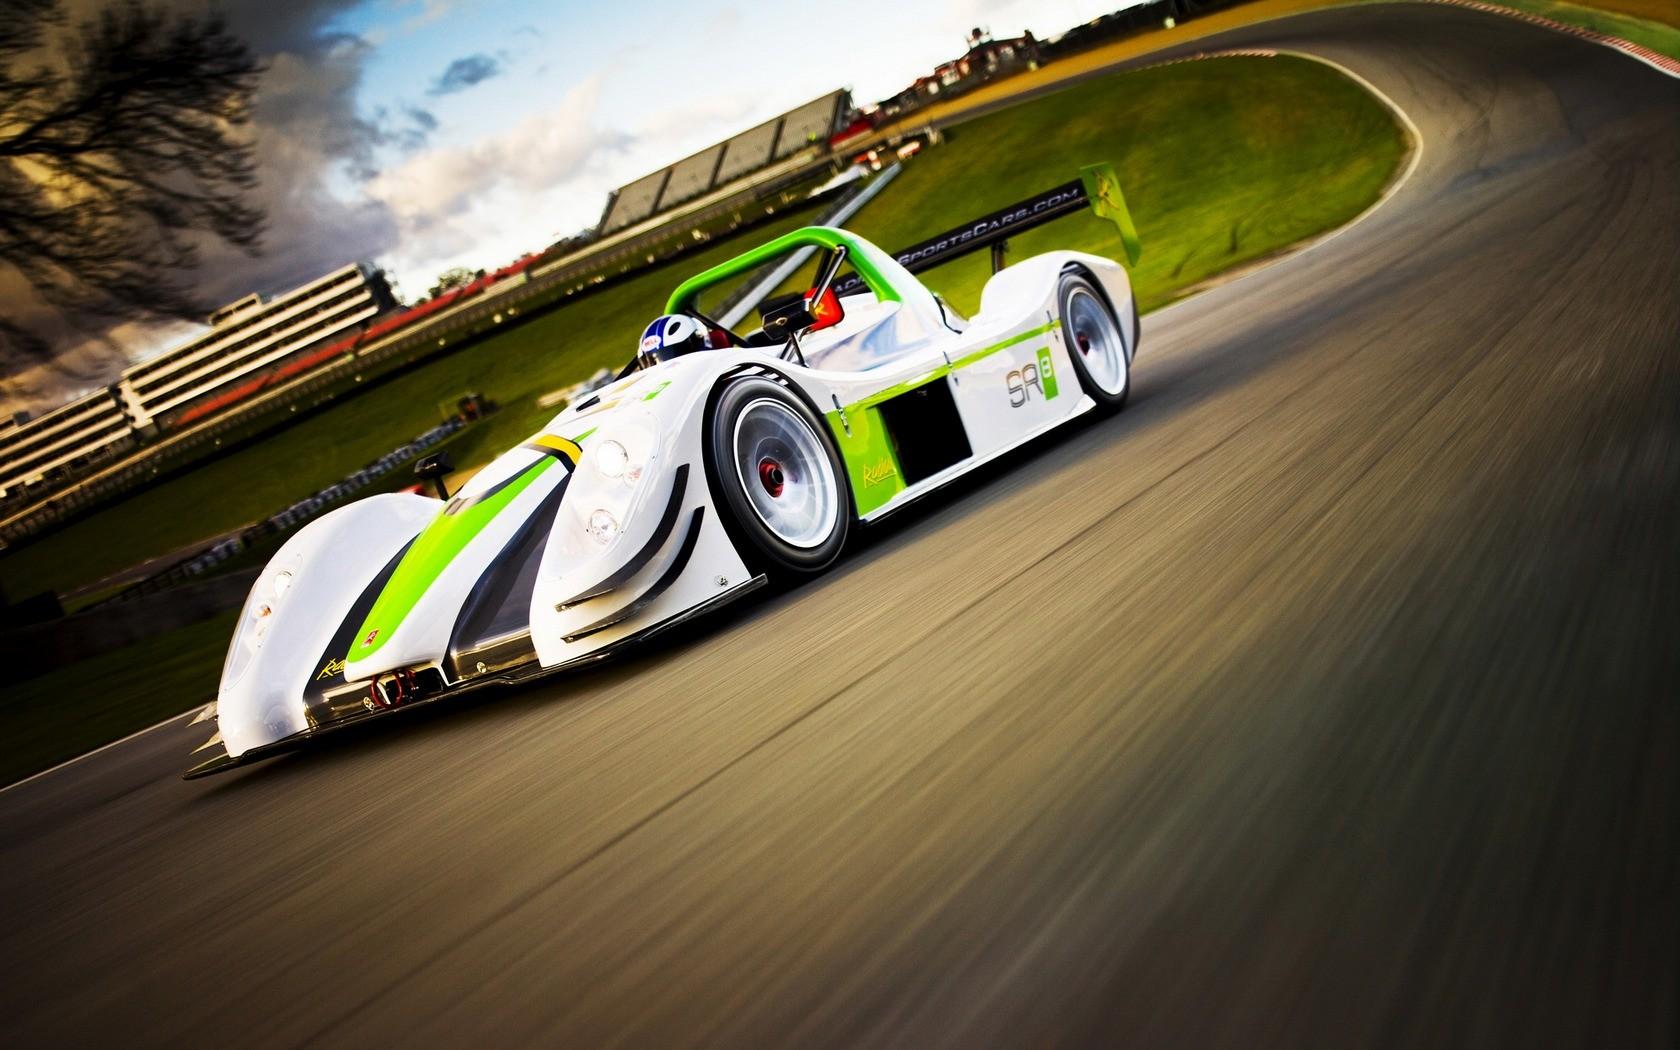 Auto F1 verde - 1680x1050